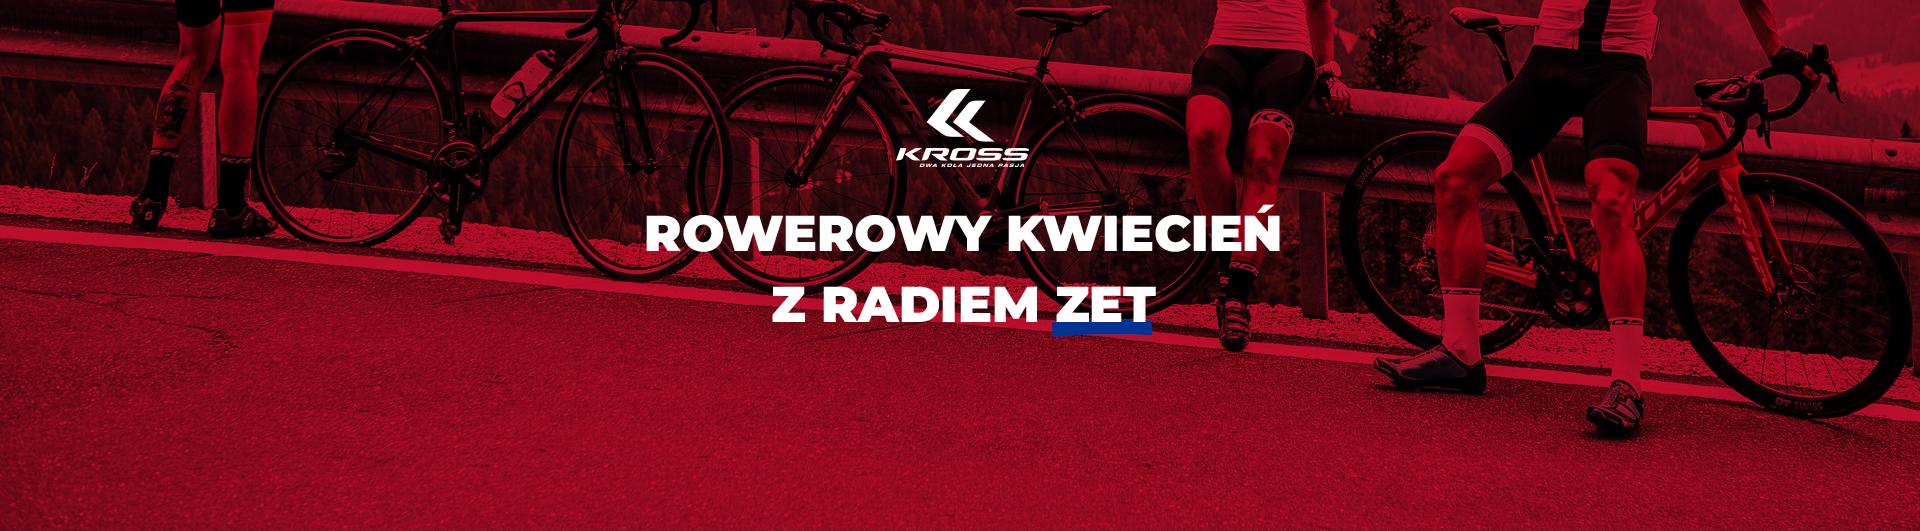 Spotkaj się z Radiem ZET w swoim mieście i wygraj czerwony rower! [TRASA]